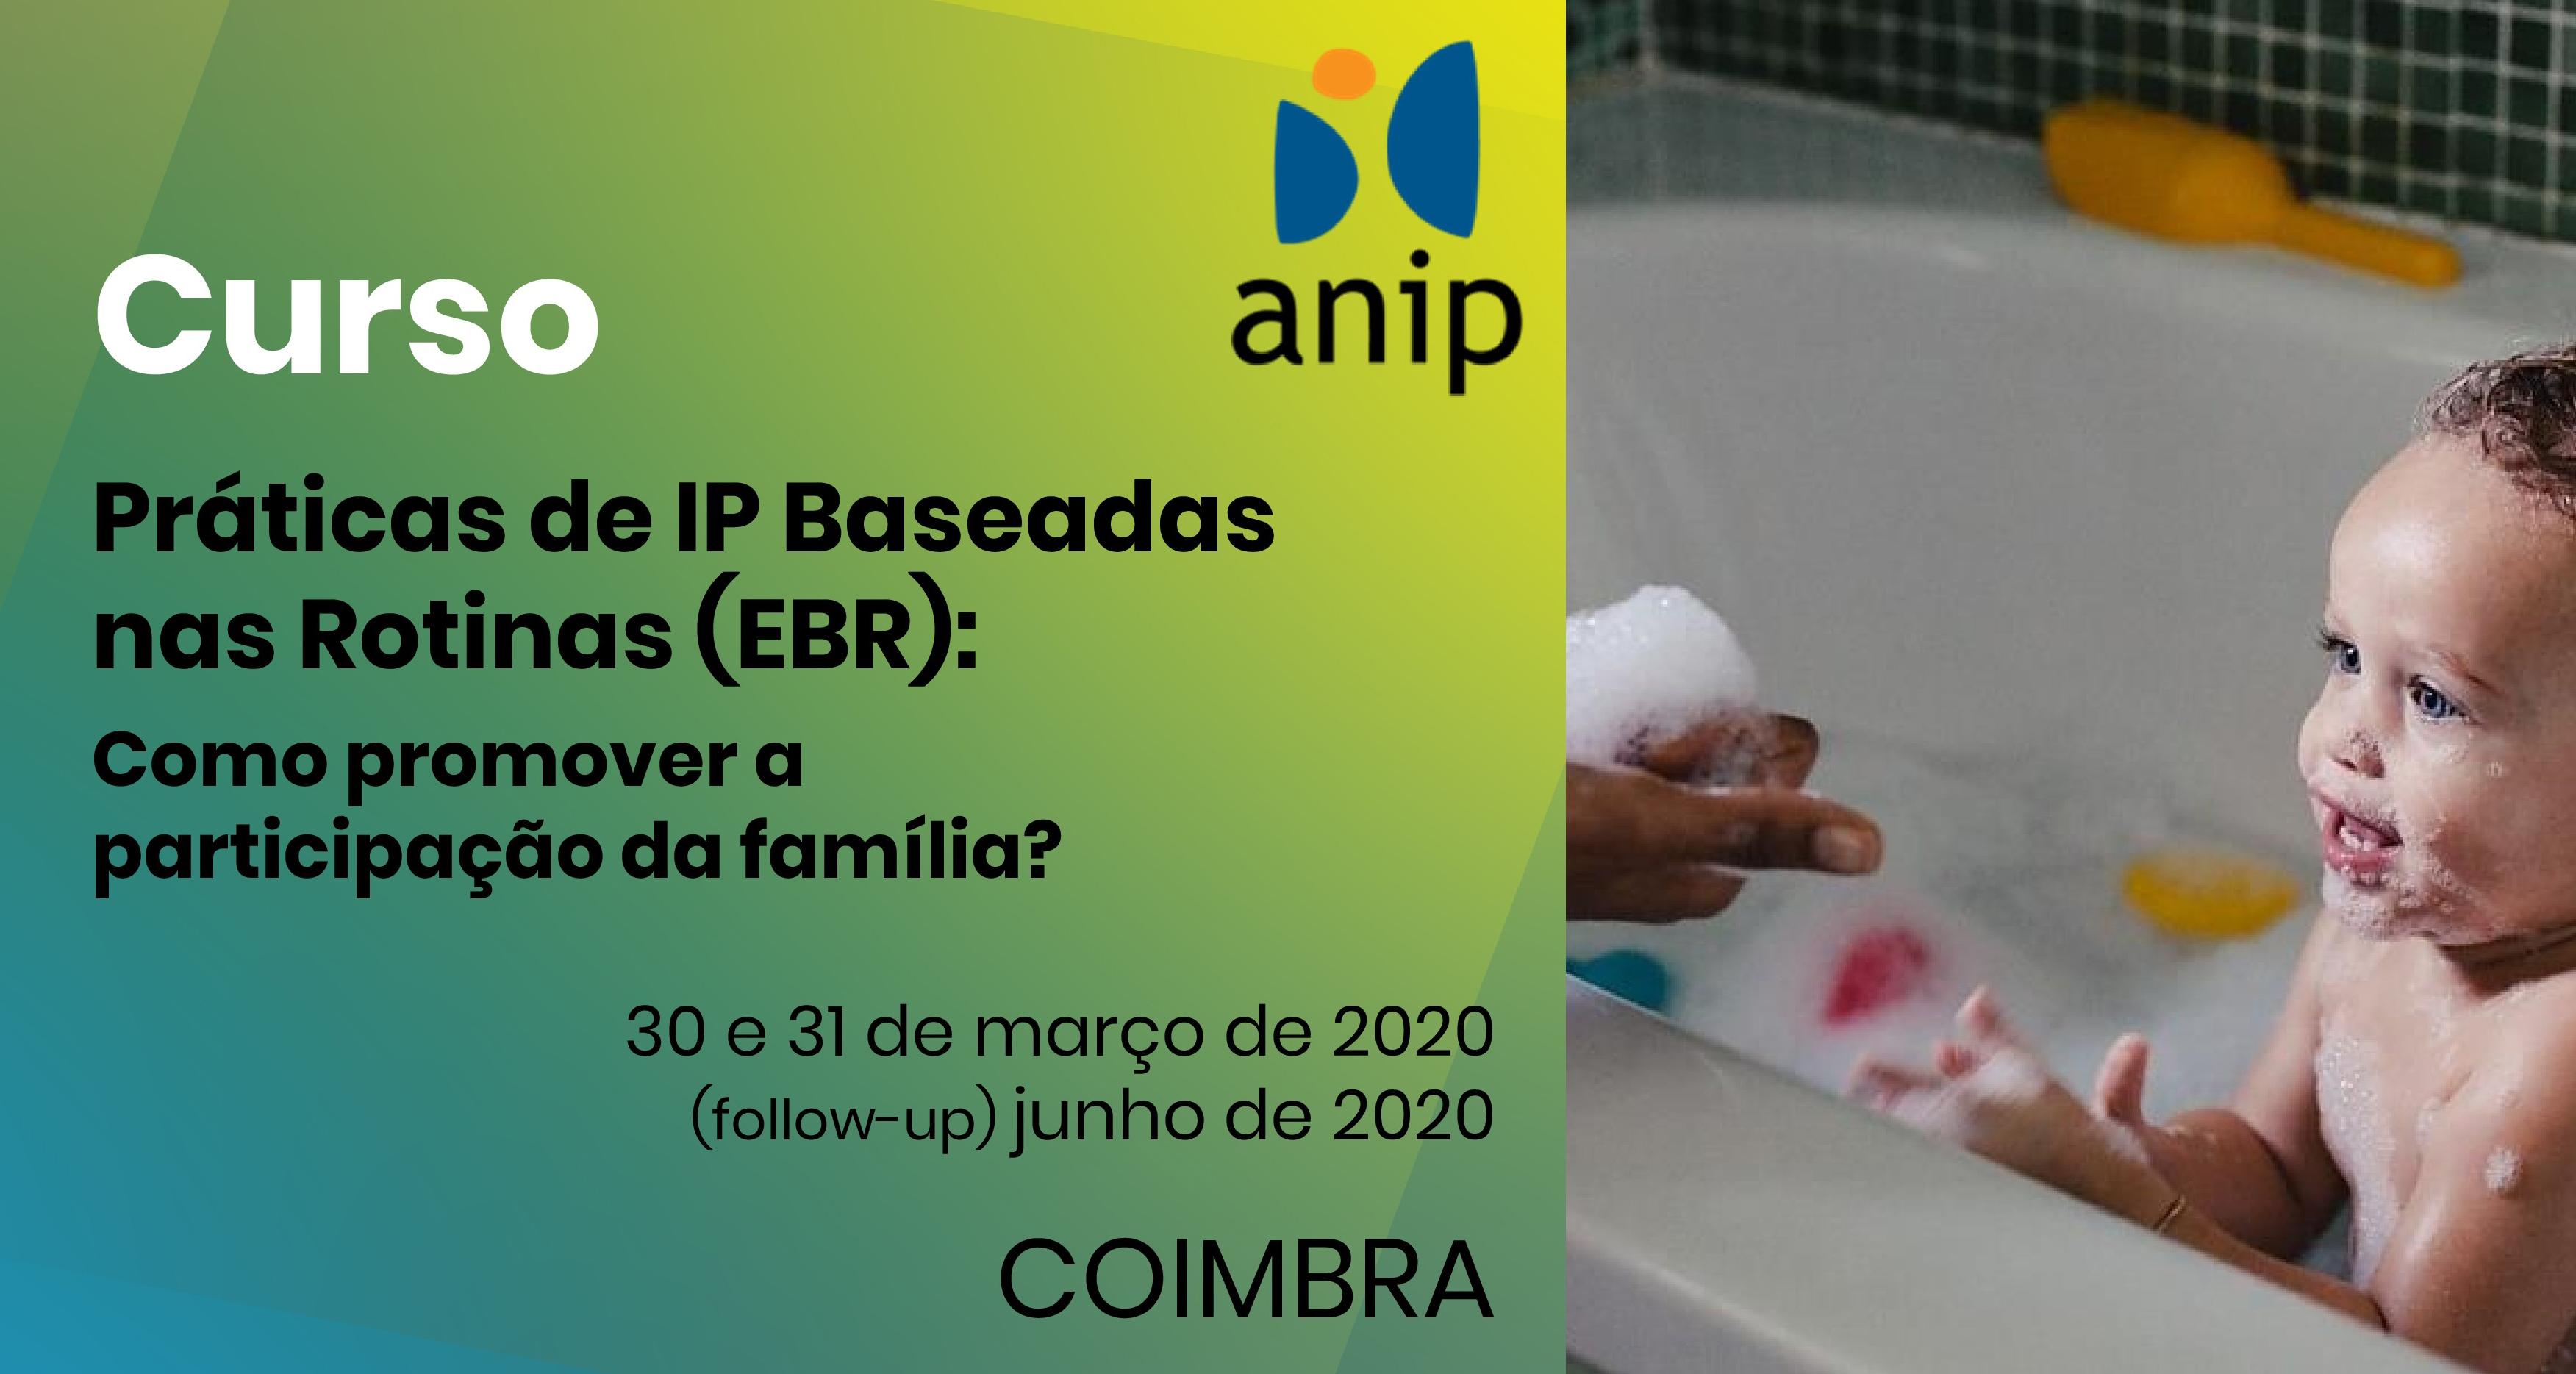 Práticas de IP Baseadas nas Rotinas (EBR): como promover a participação da família?